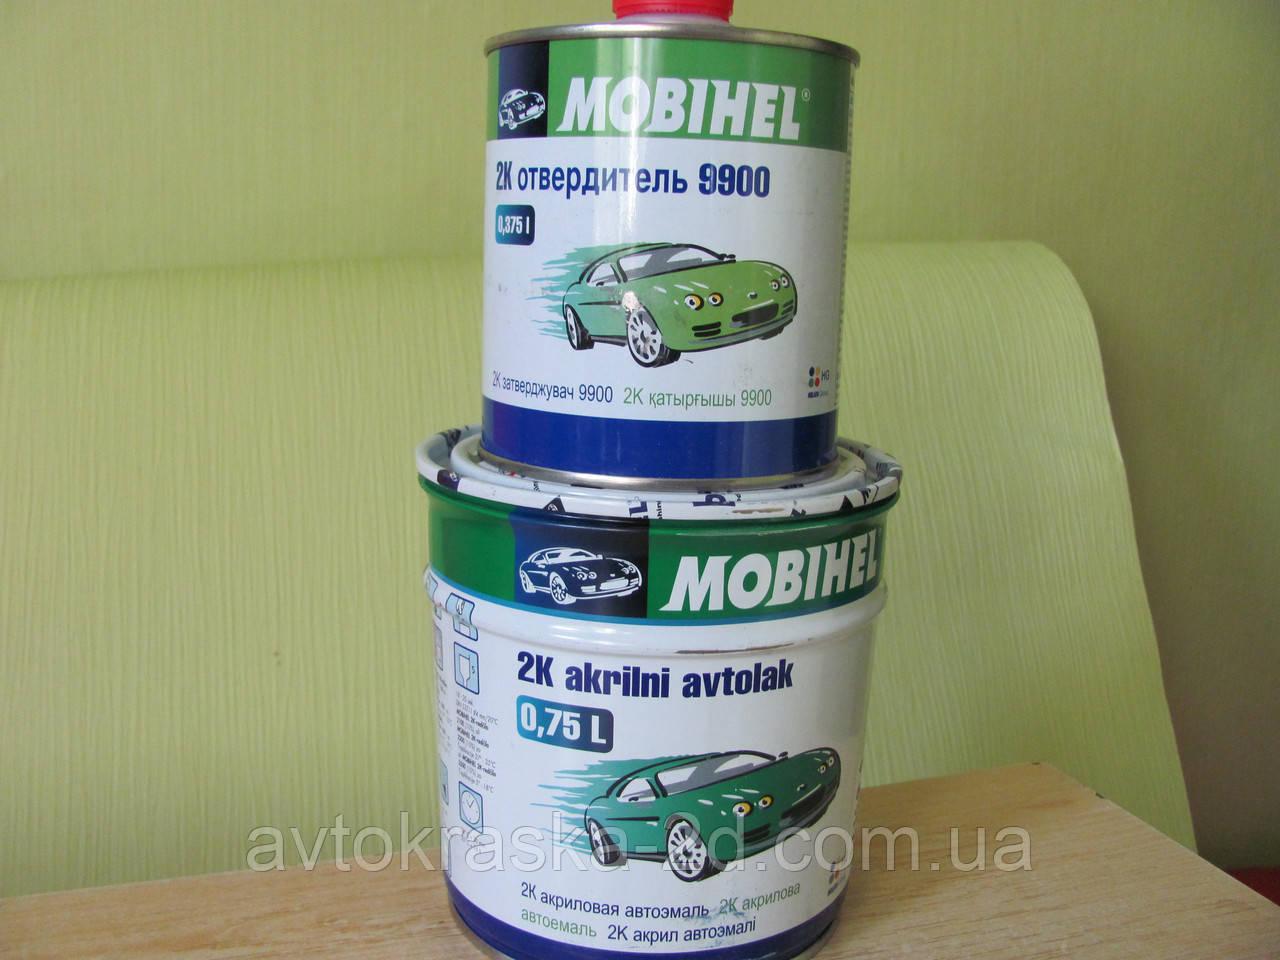 Акрилова автофарба MOBIHEL Нарва № 605 (0,75 л) + затверджувач 9900 0,375 л